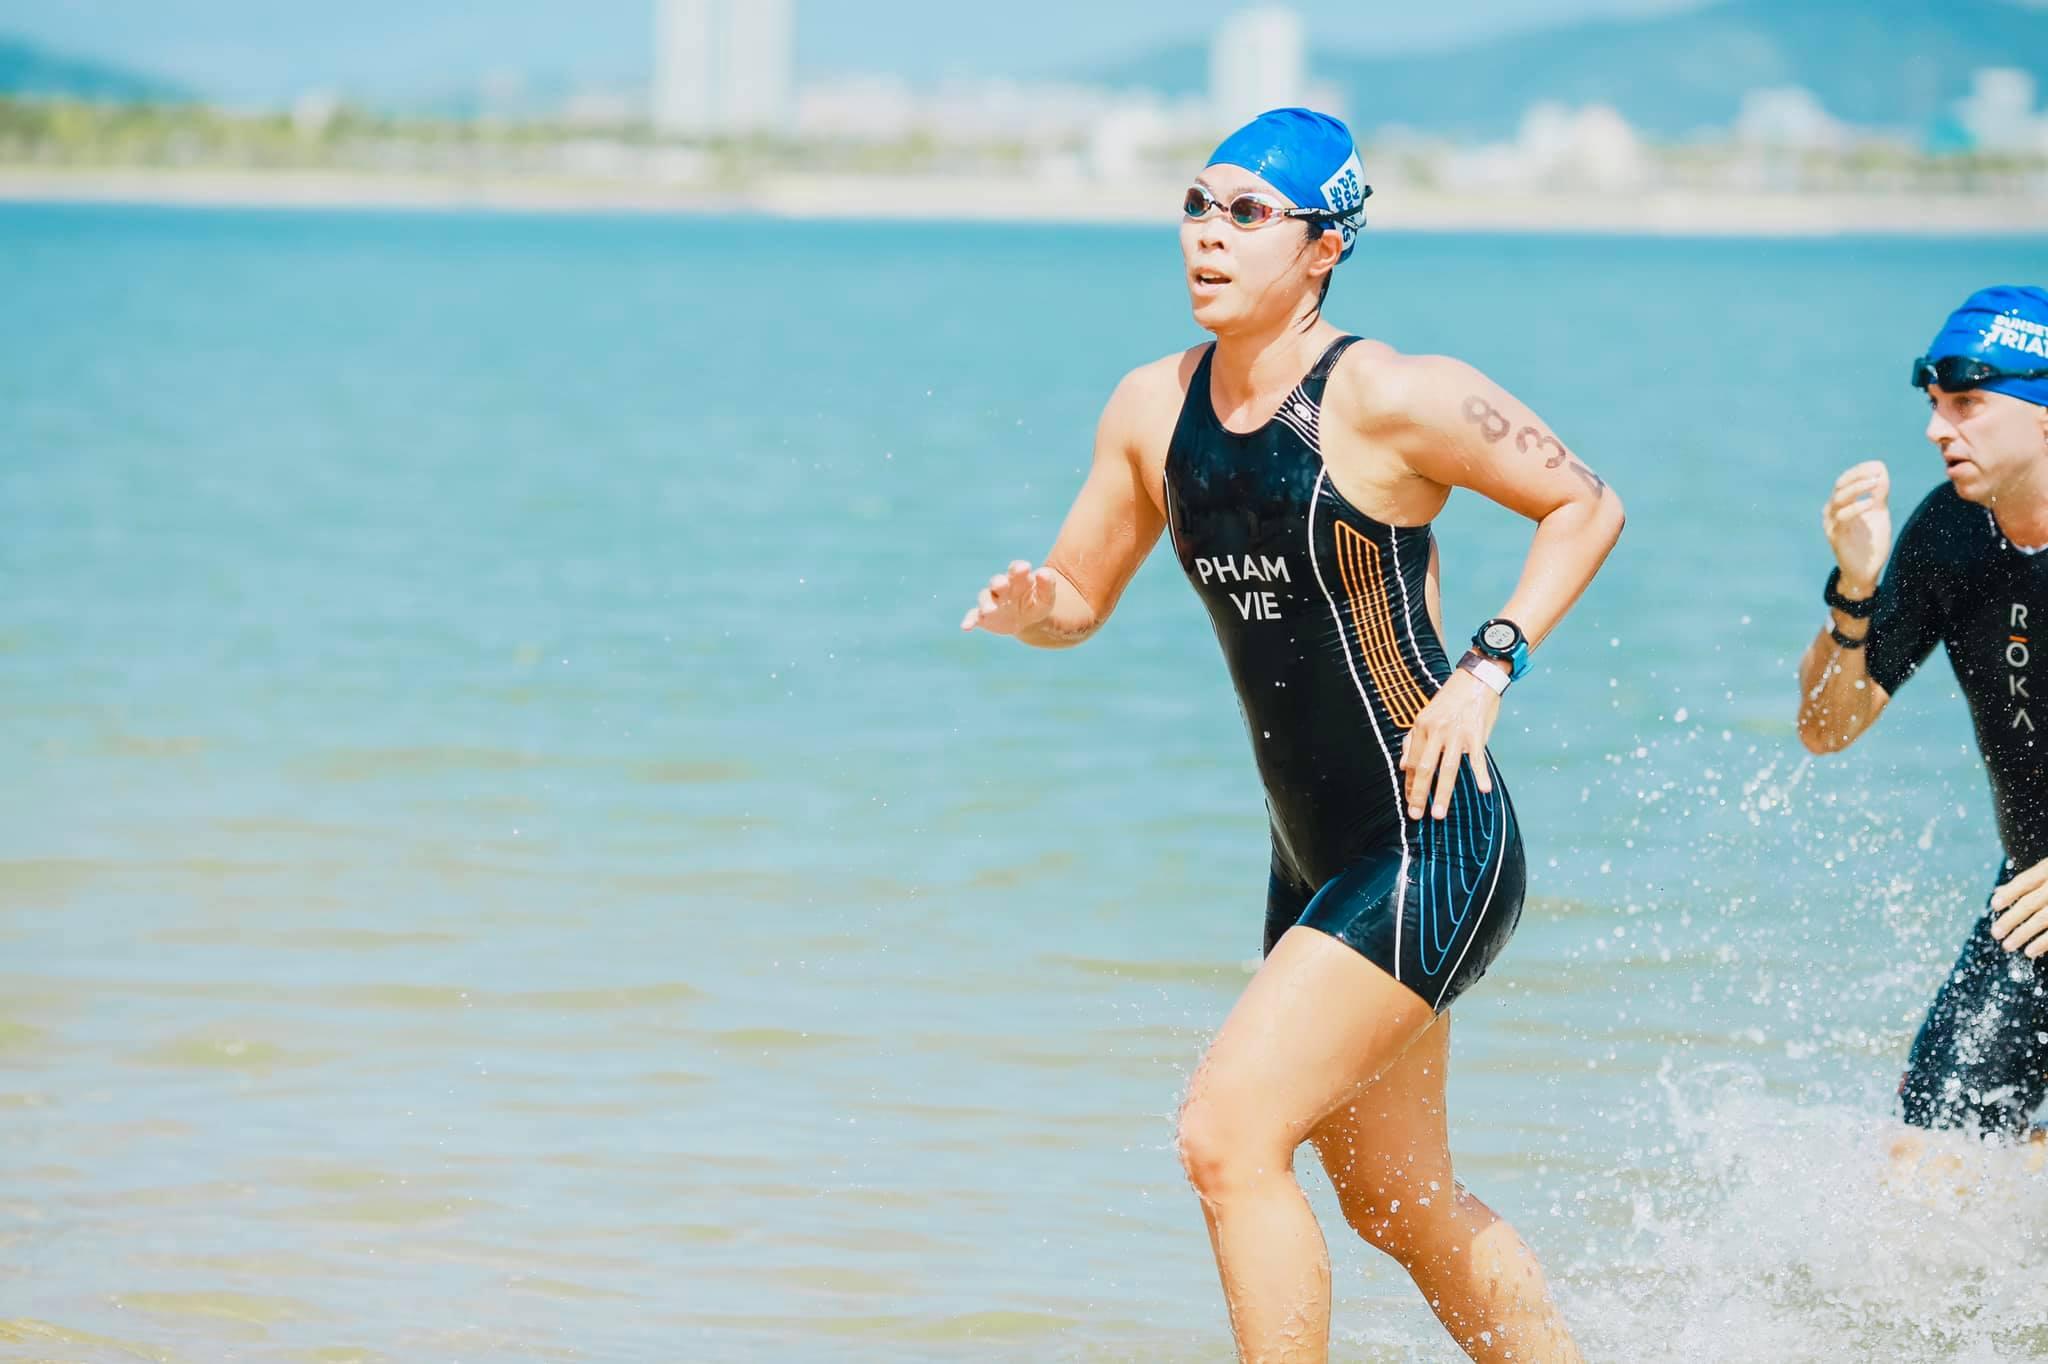 HLV Phạm Thuý Vi trong lần cùng đội triathlon Việt Nam dự Sunset Bay Triathlon 2020. Ảnh: SBT